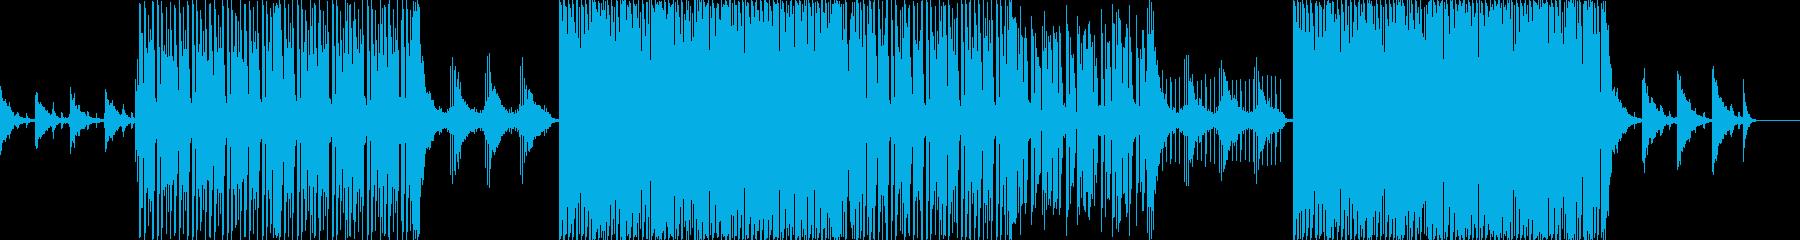 ハロウィン/ウイルス/悪魔的なBGMの再生済みの波形